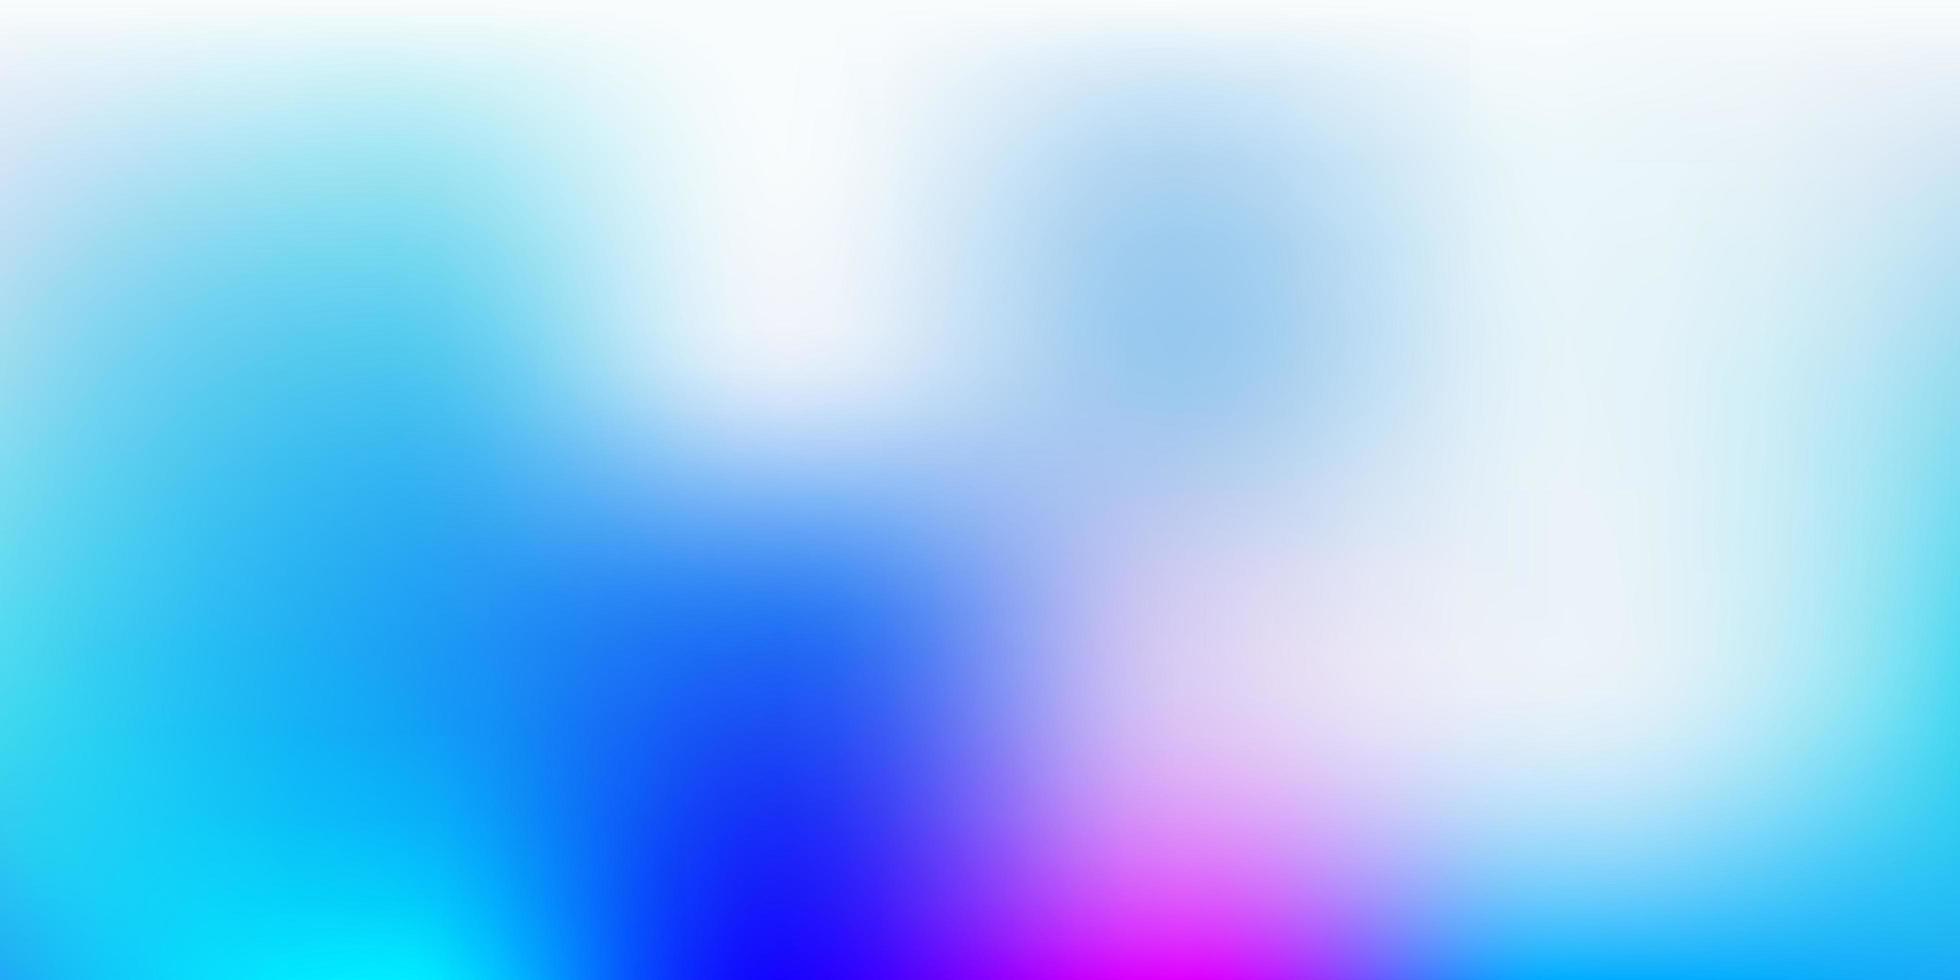 hellrosa, blaue Vektorunschärfe Layout. vektor